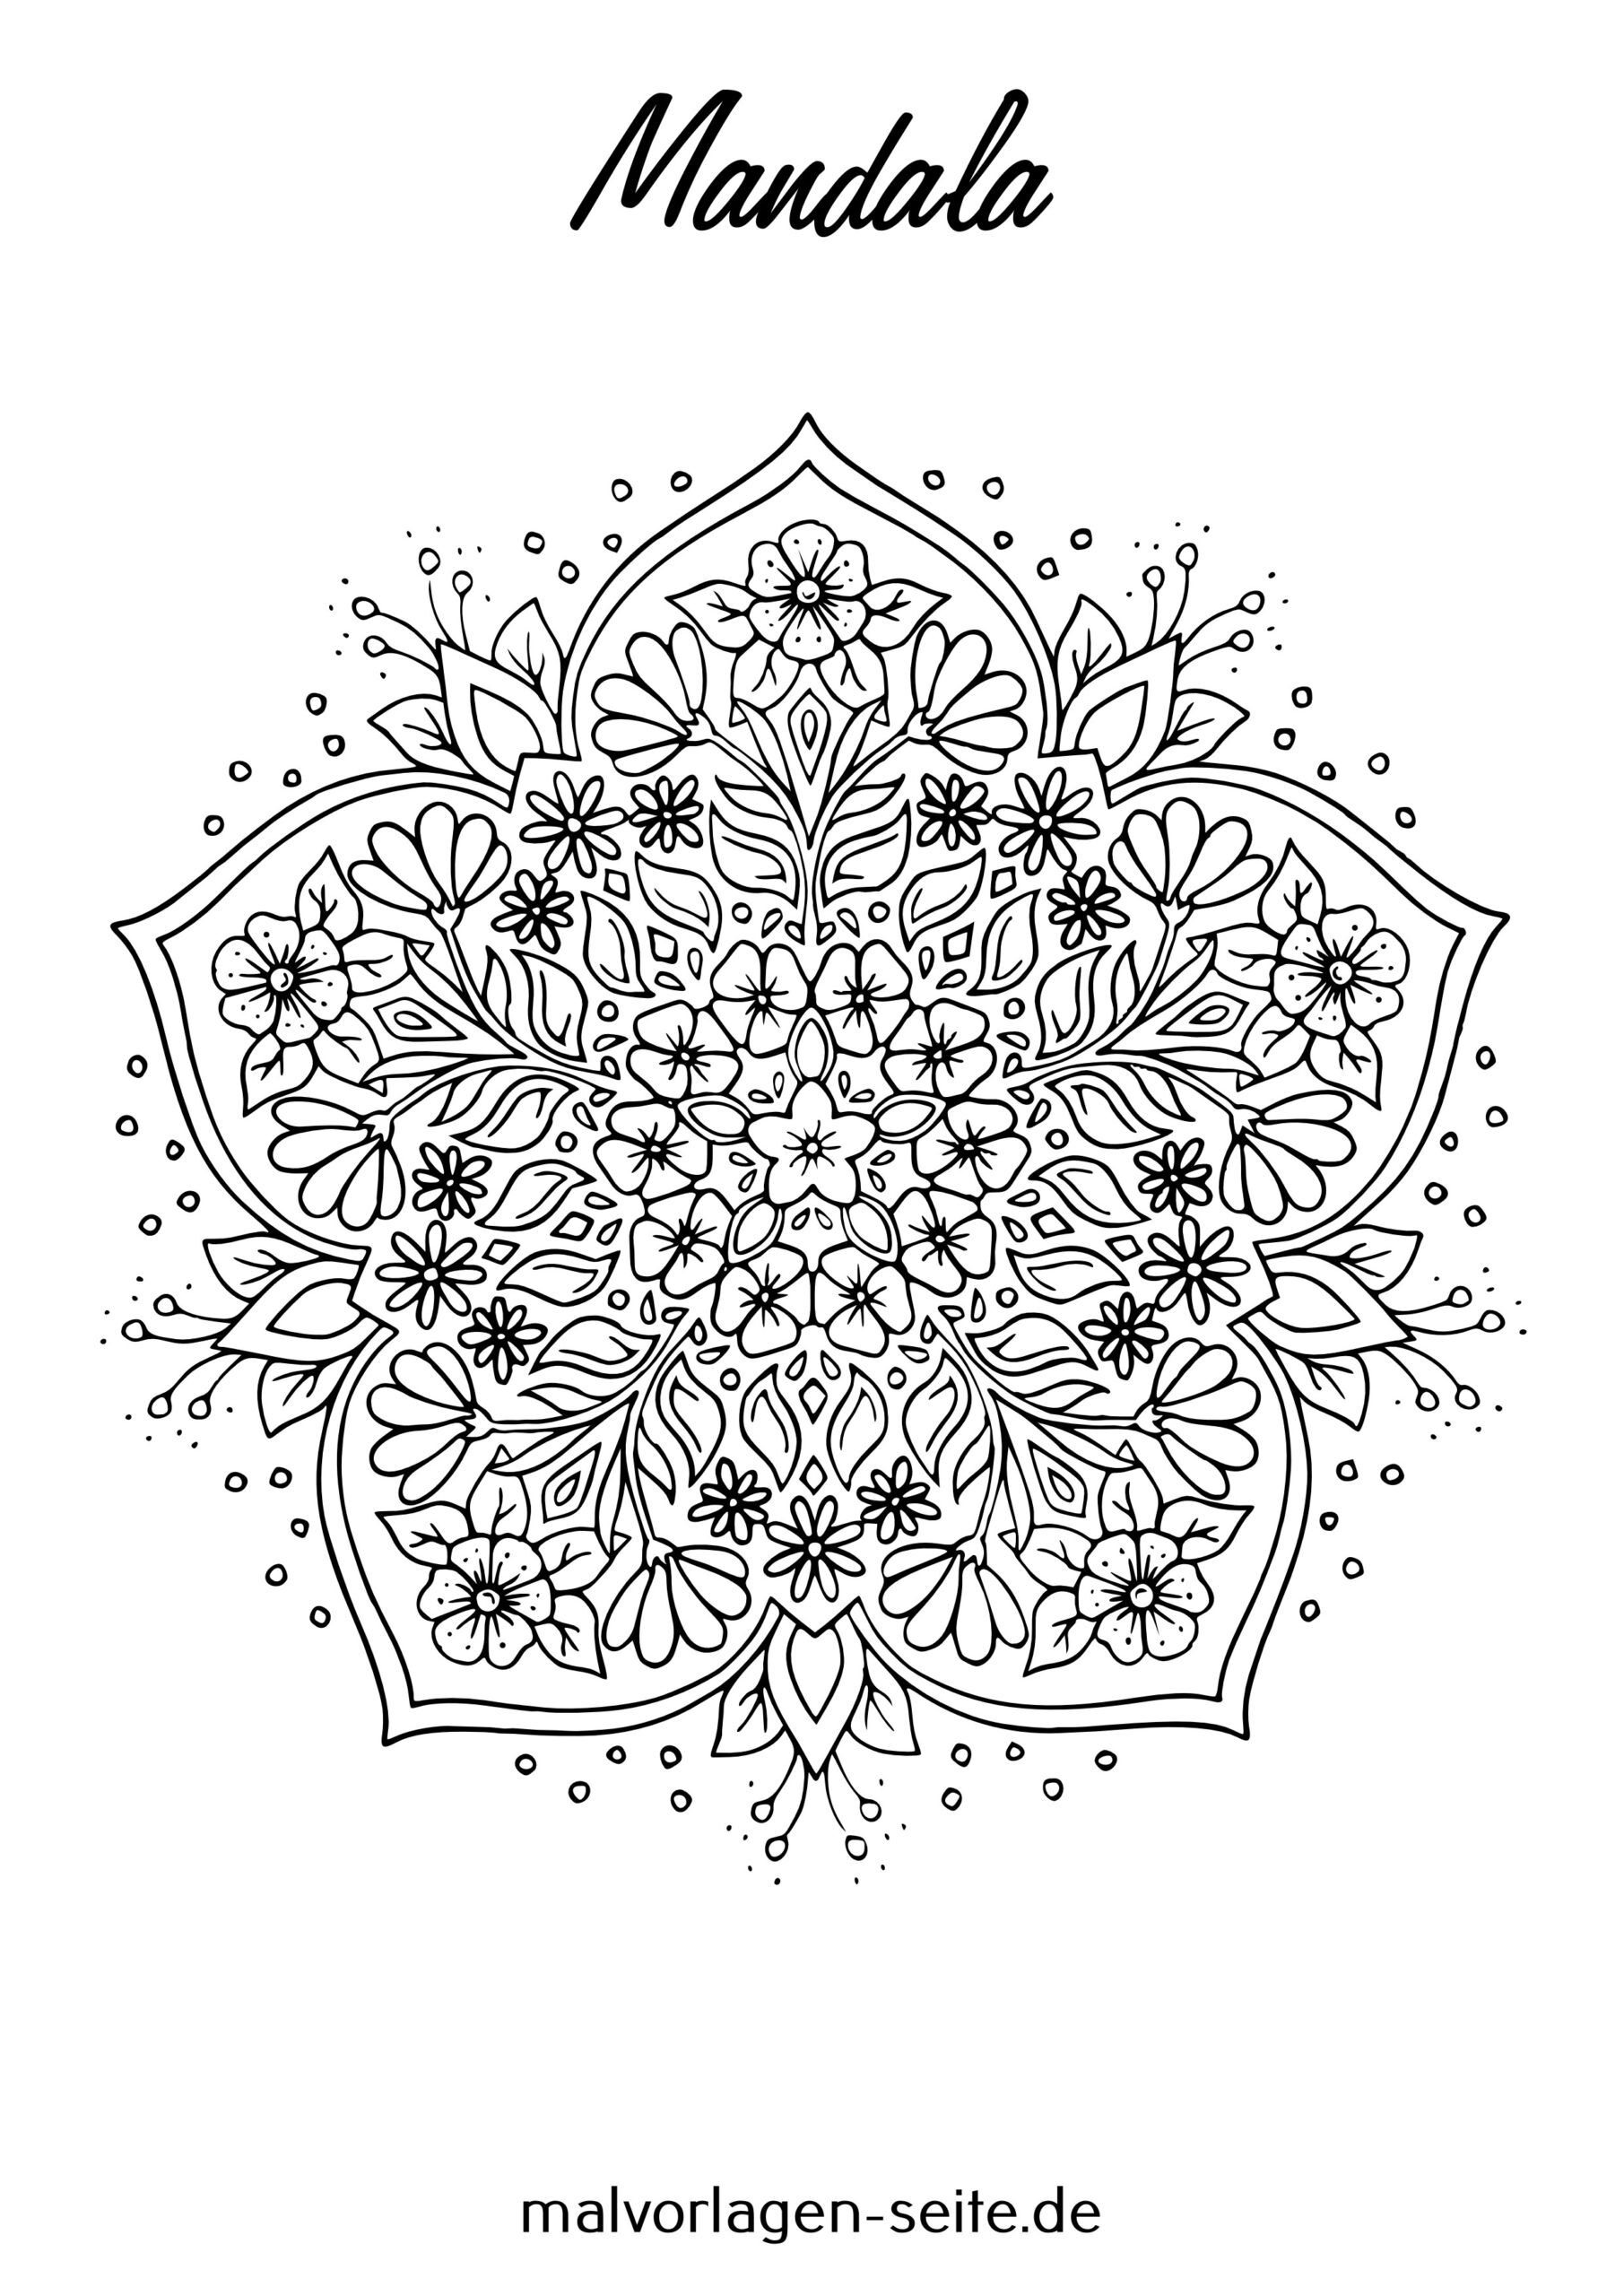 Tolle Mandala Erwachsene - Blumenmandala - Kostenlose Ausmalbilder